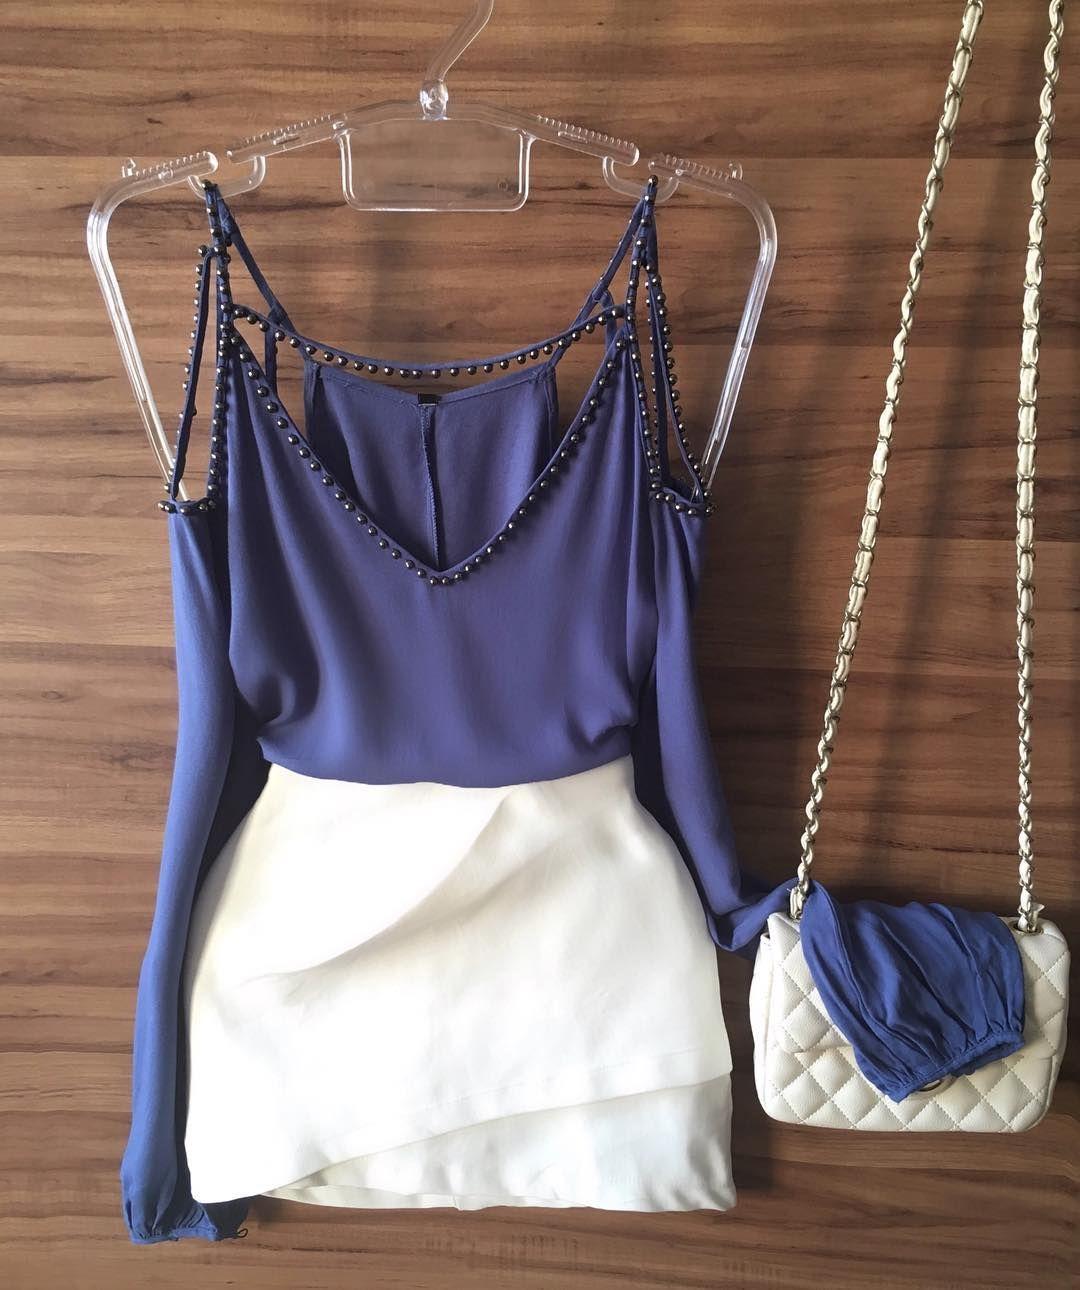 Pin de Amanda Luiza en Moda | Pinterest | Blusas, Ropa y Conjuntos